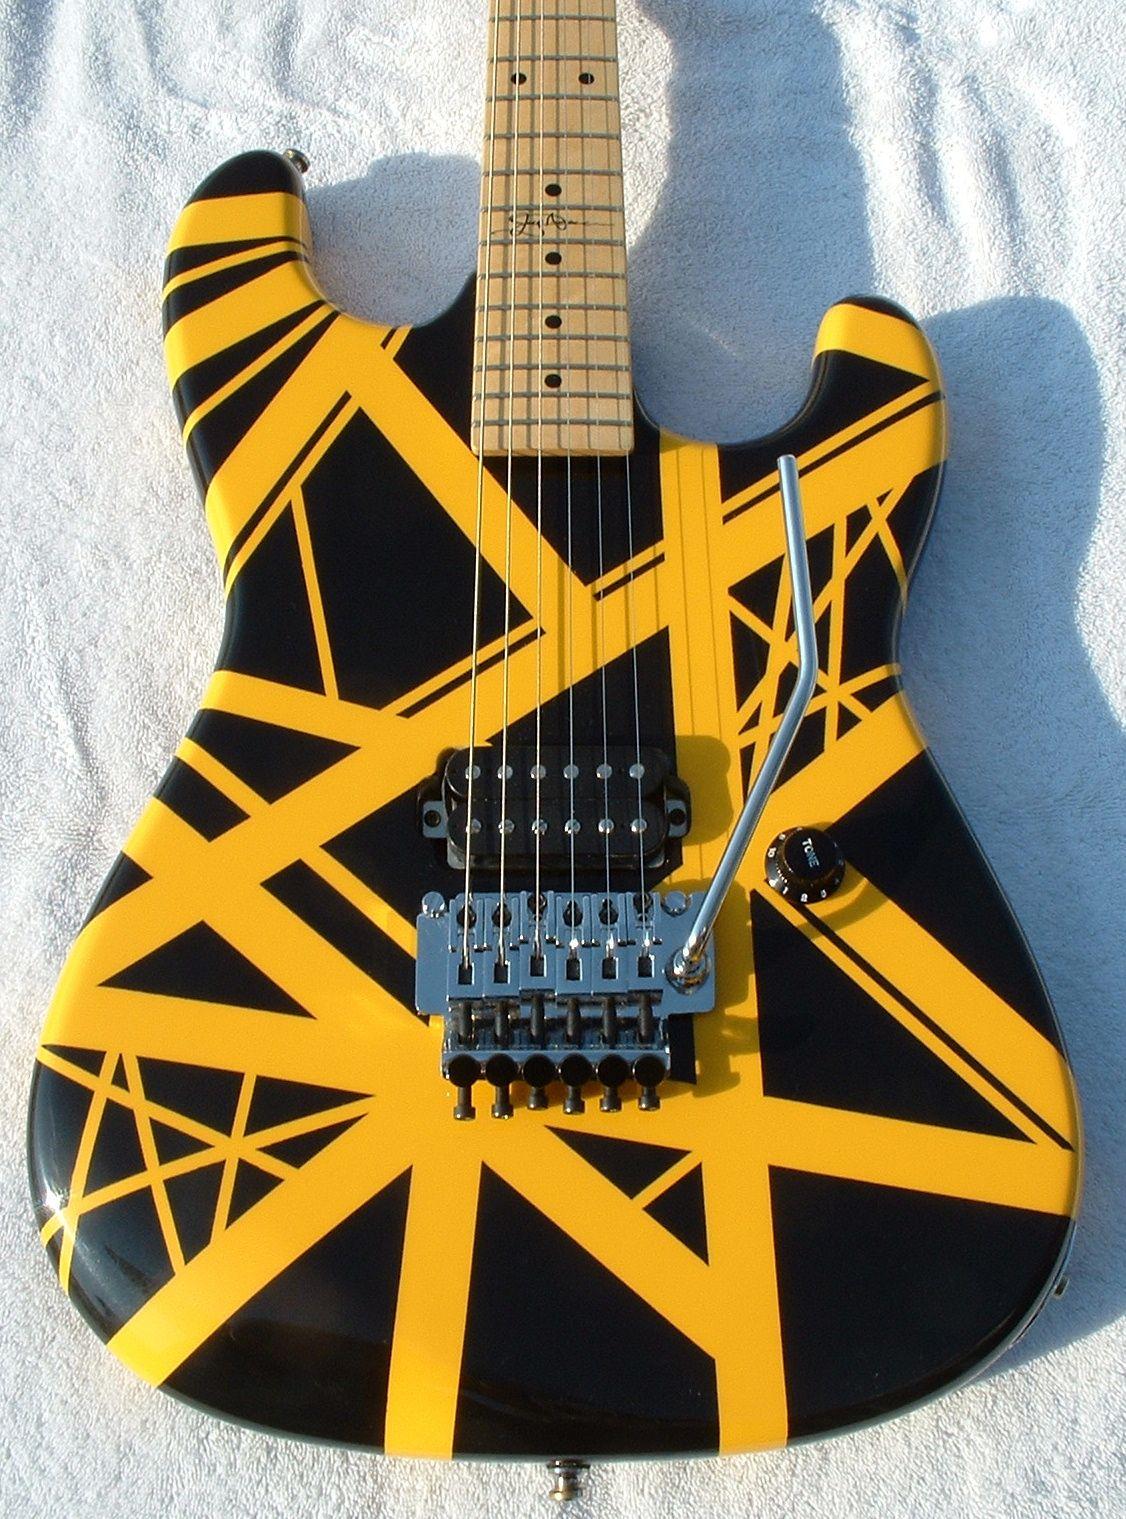 Personalizzato Kramer Lupo Edward Van Halen 5150 chitarra elettrica striscia gialla Nero Floyd Rose Tremolo Bridge, manico in acero Tastiera